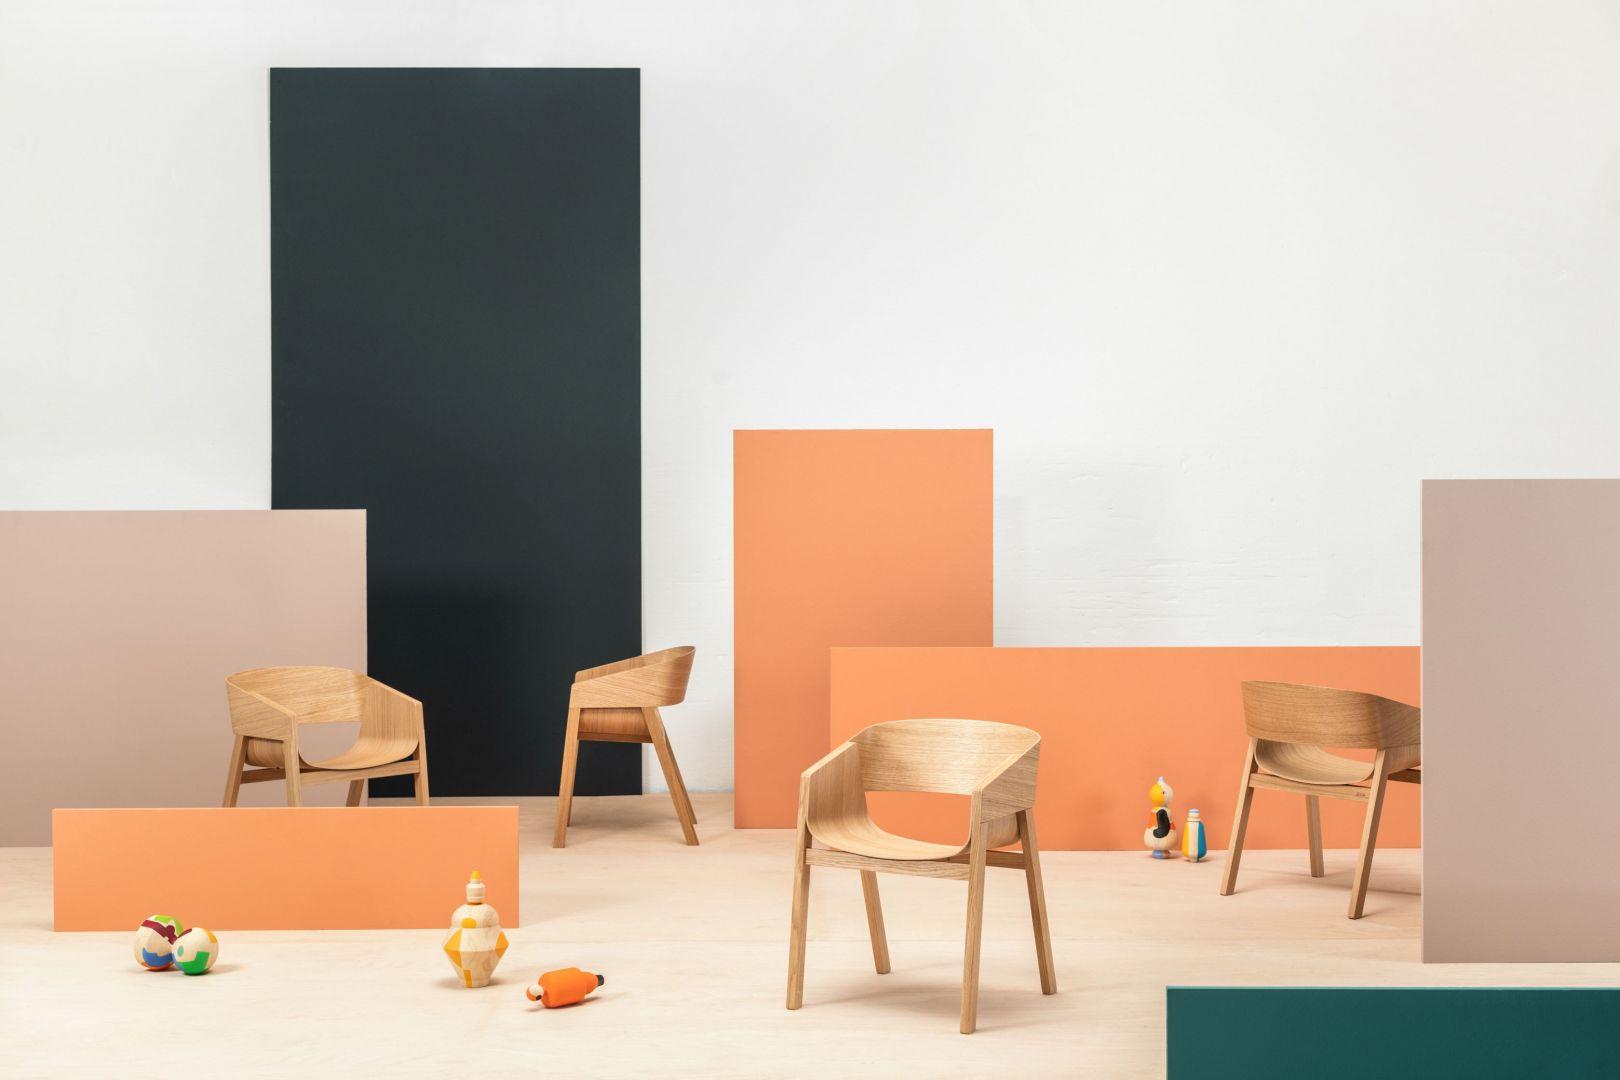 Merano to fotel łączący dwie formatki sklejki dębowej, skrzyżowane i wygięte w wygodne siedzisko osadzone w solidnej, drewnianej konstrukcji. Fot. Ton